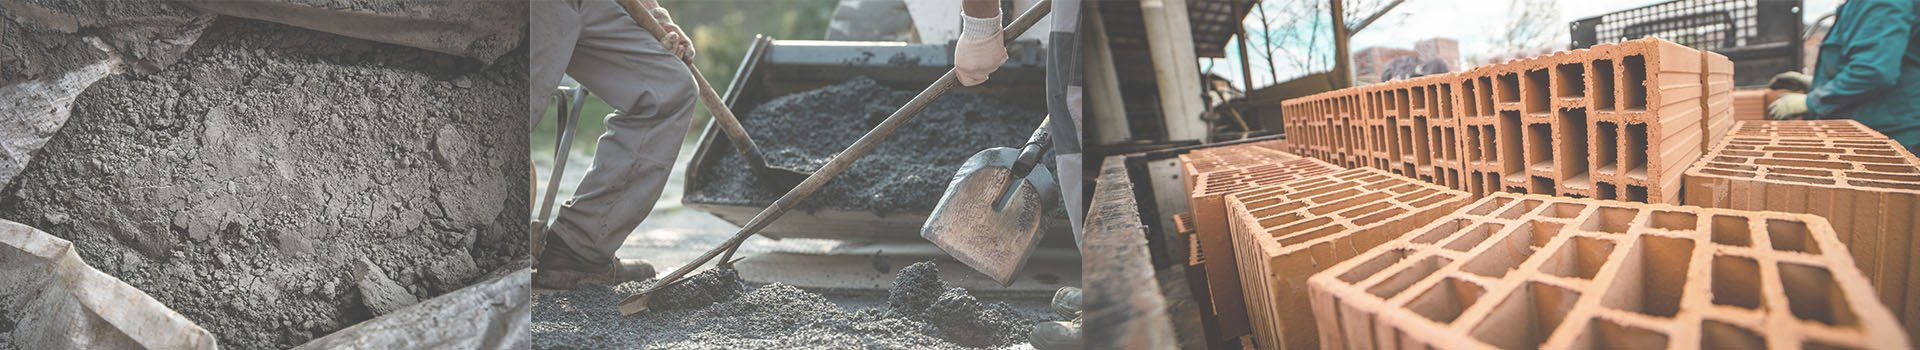 Förderketten für Zementwerke, Kalk, Gips, Kaolin, Feuerfestprodukte, Magnesit, Asphalt, Ziegel, Dämmstoffe und Isolierungen